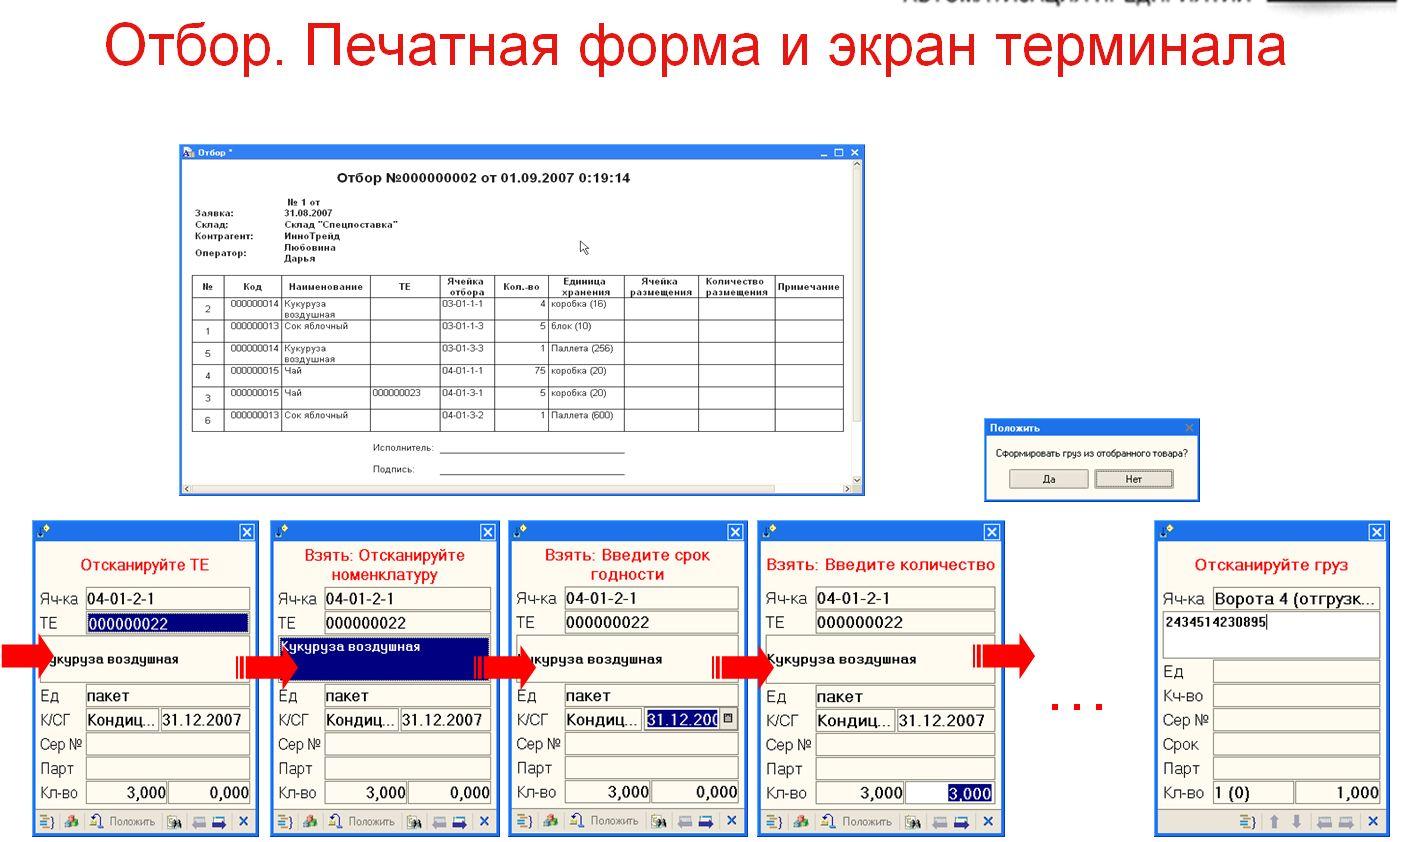 1с логистика опыт внедрения обновление 1с 8.2 доступных обновлений в указанных каталогах